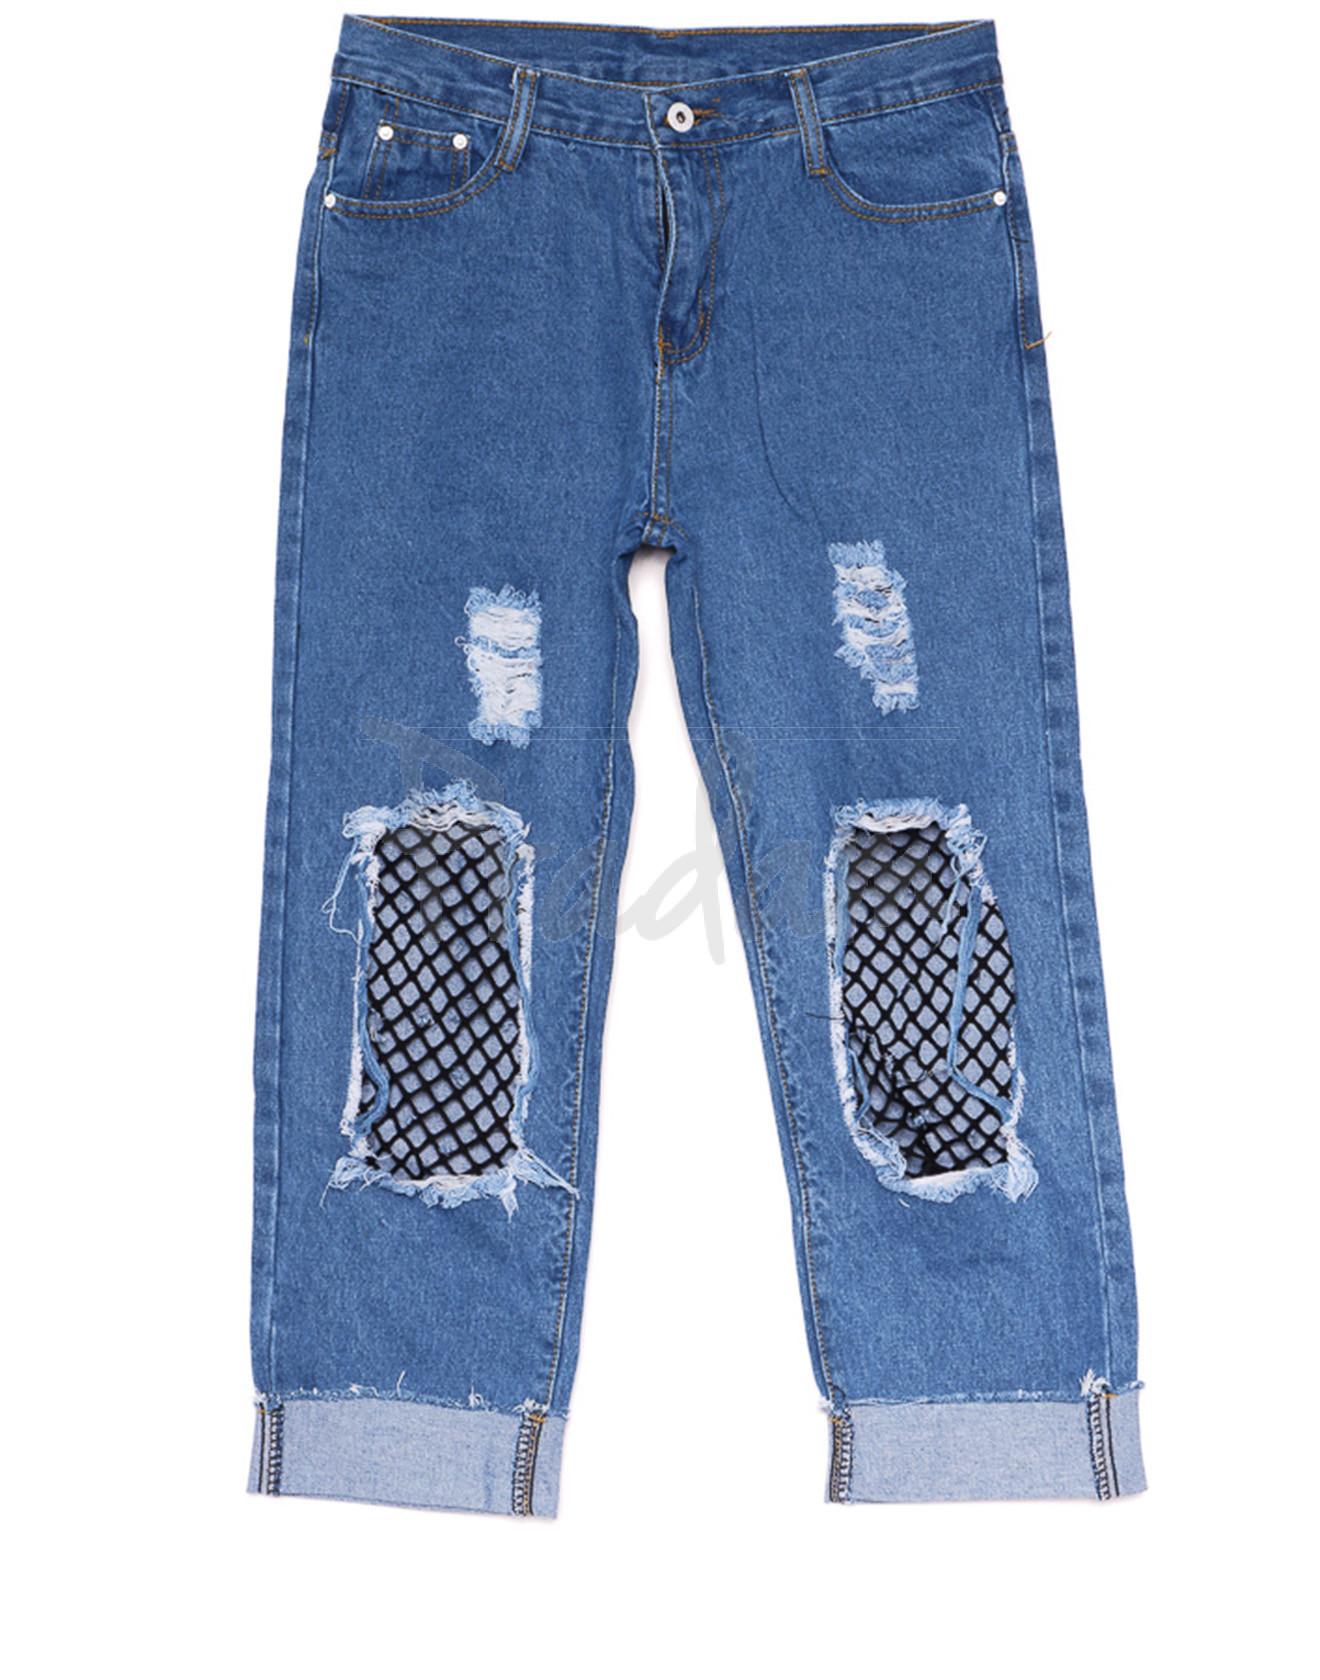 0003 Qian (S-L, 3 ед.) джинсы женские весенние не тянутся